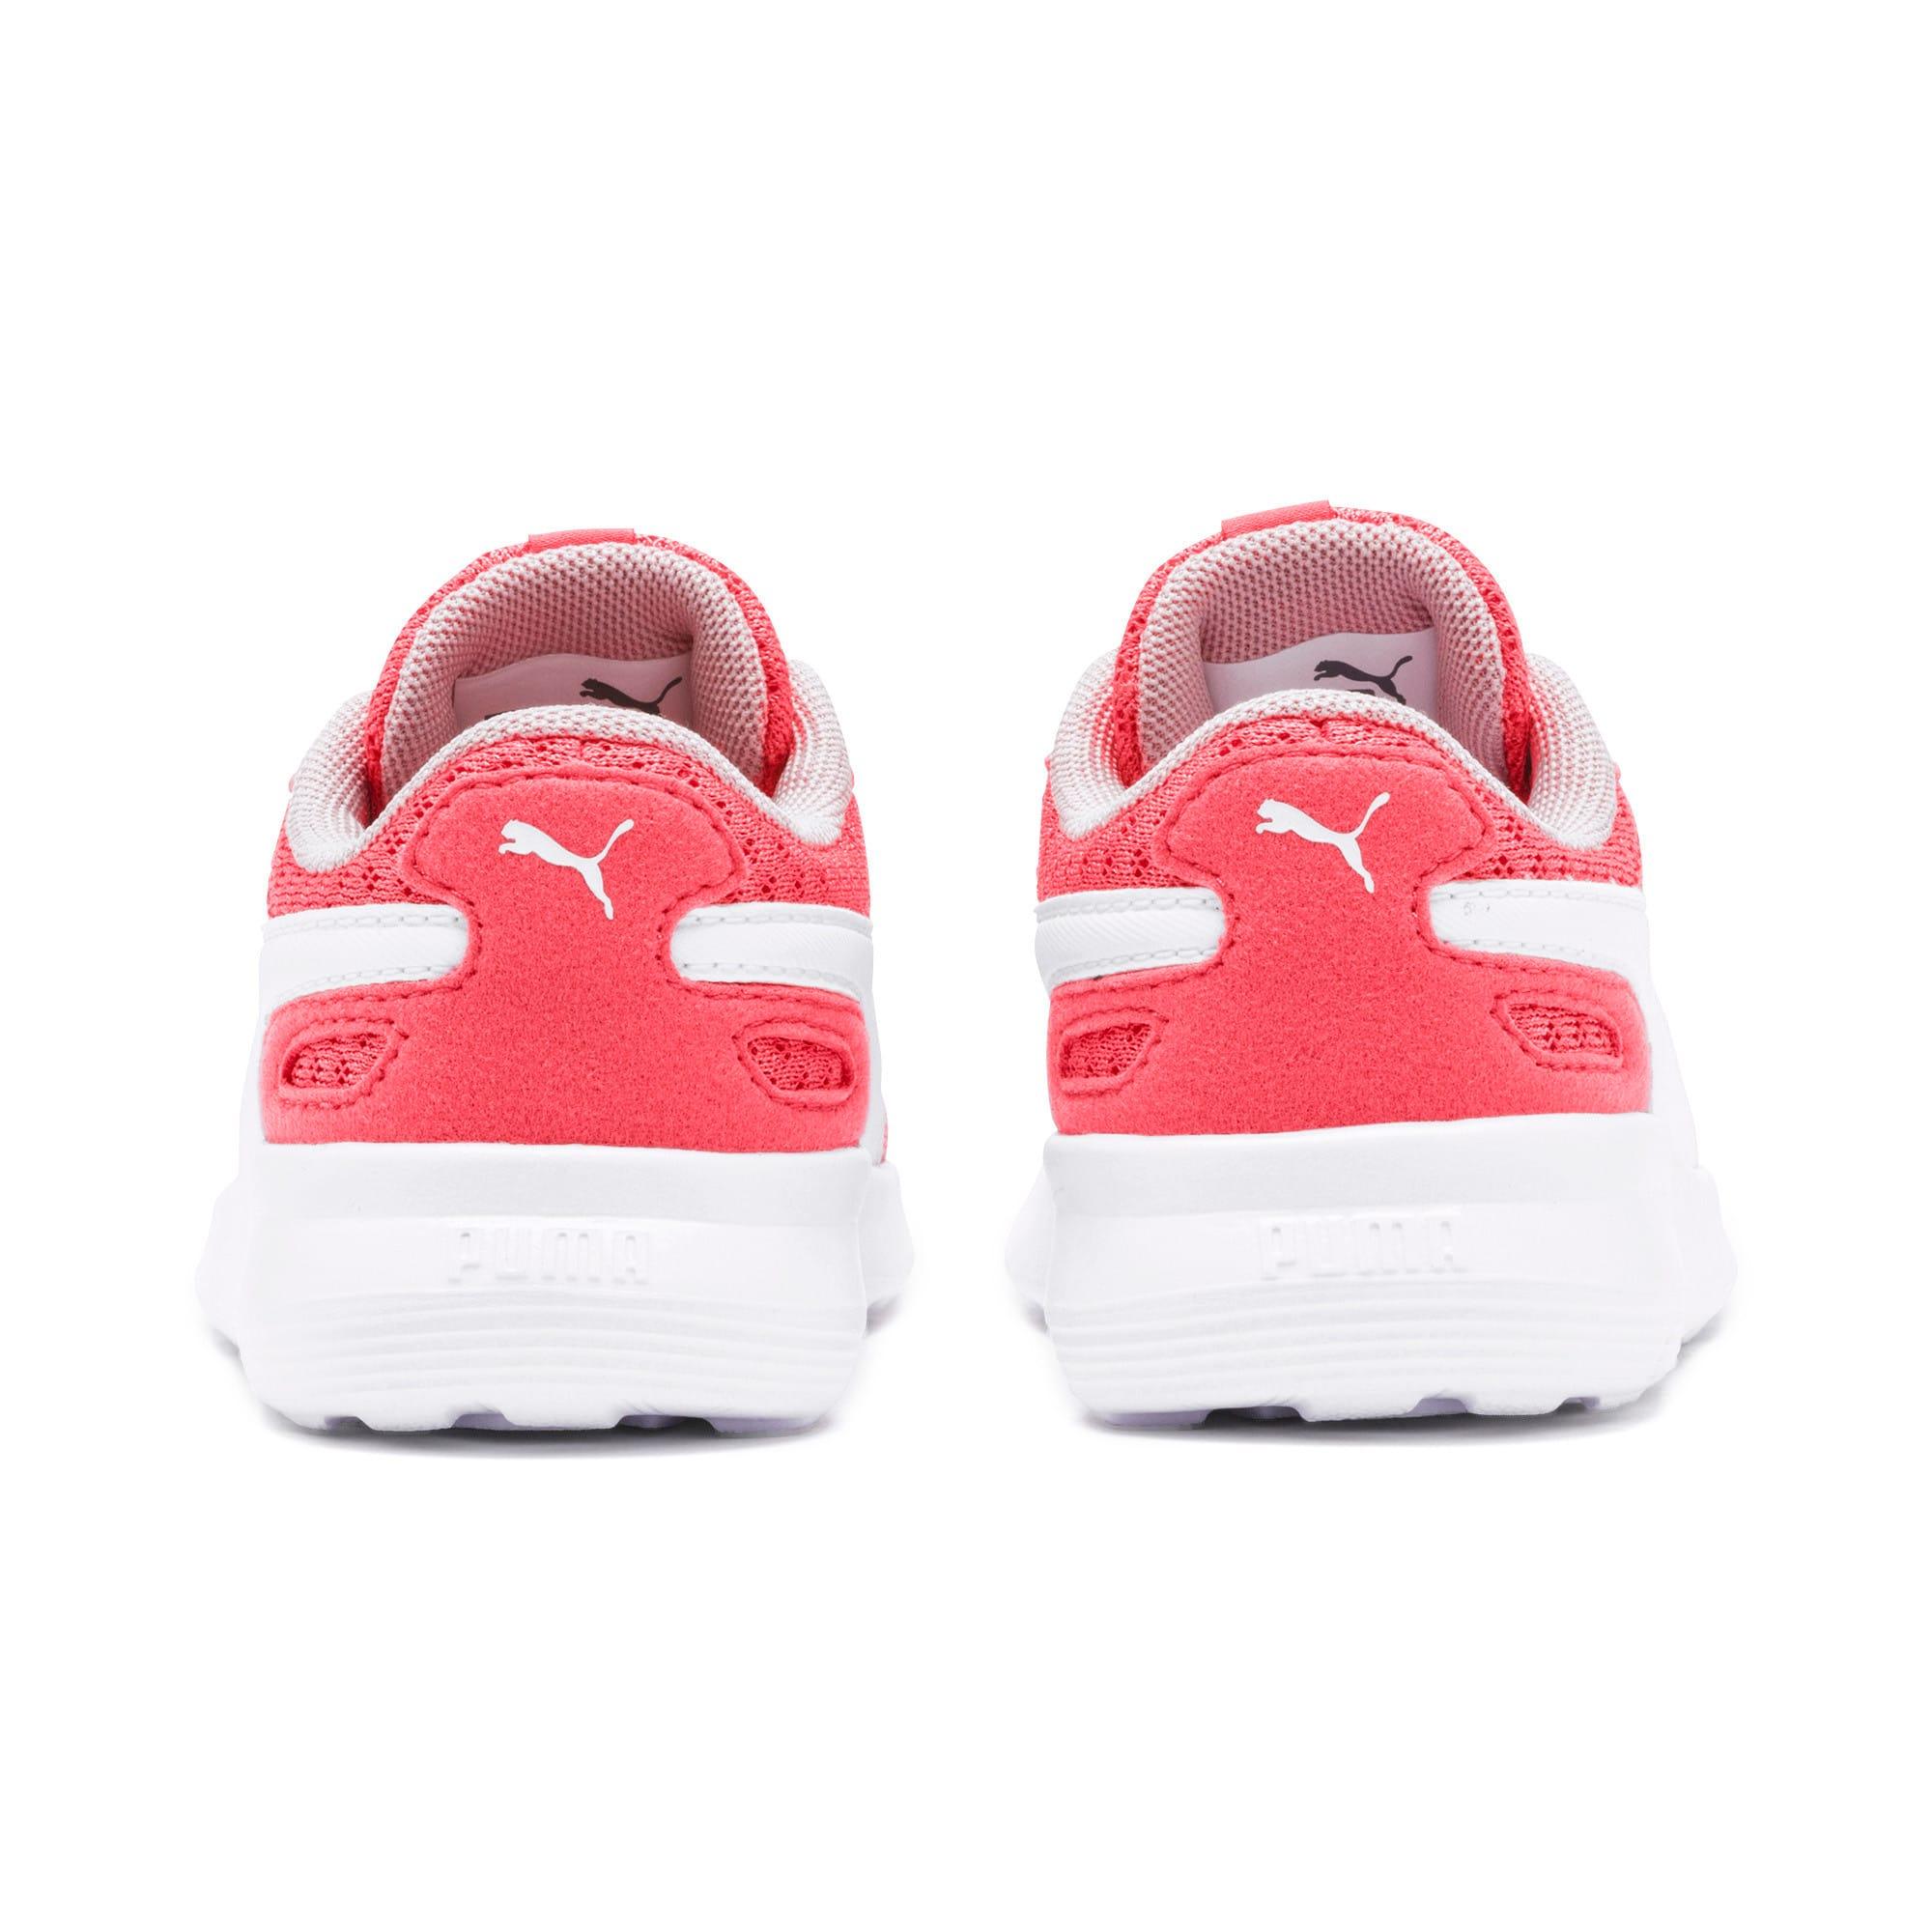 Miniatura 4 de Zapatos ST Activate AC para bebé, Calypso Coral-Puma White, mediano